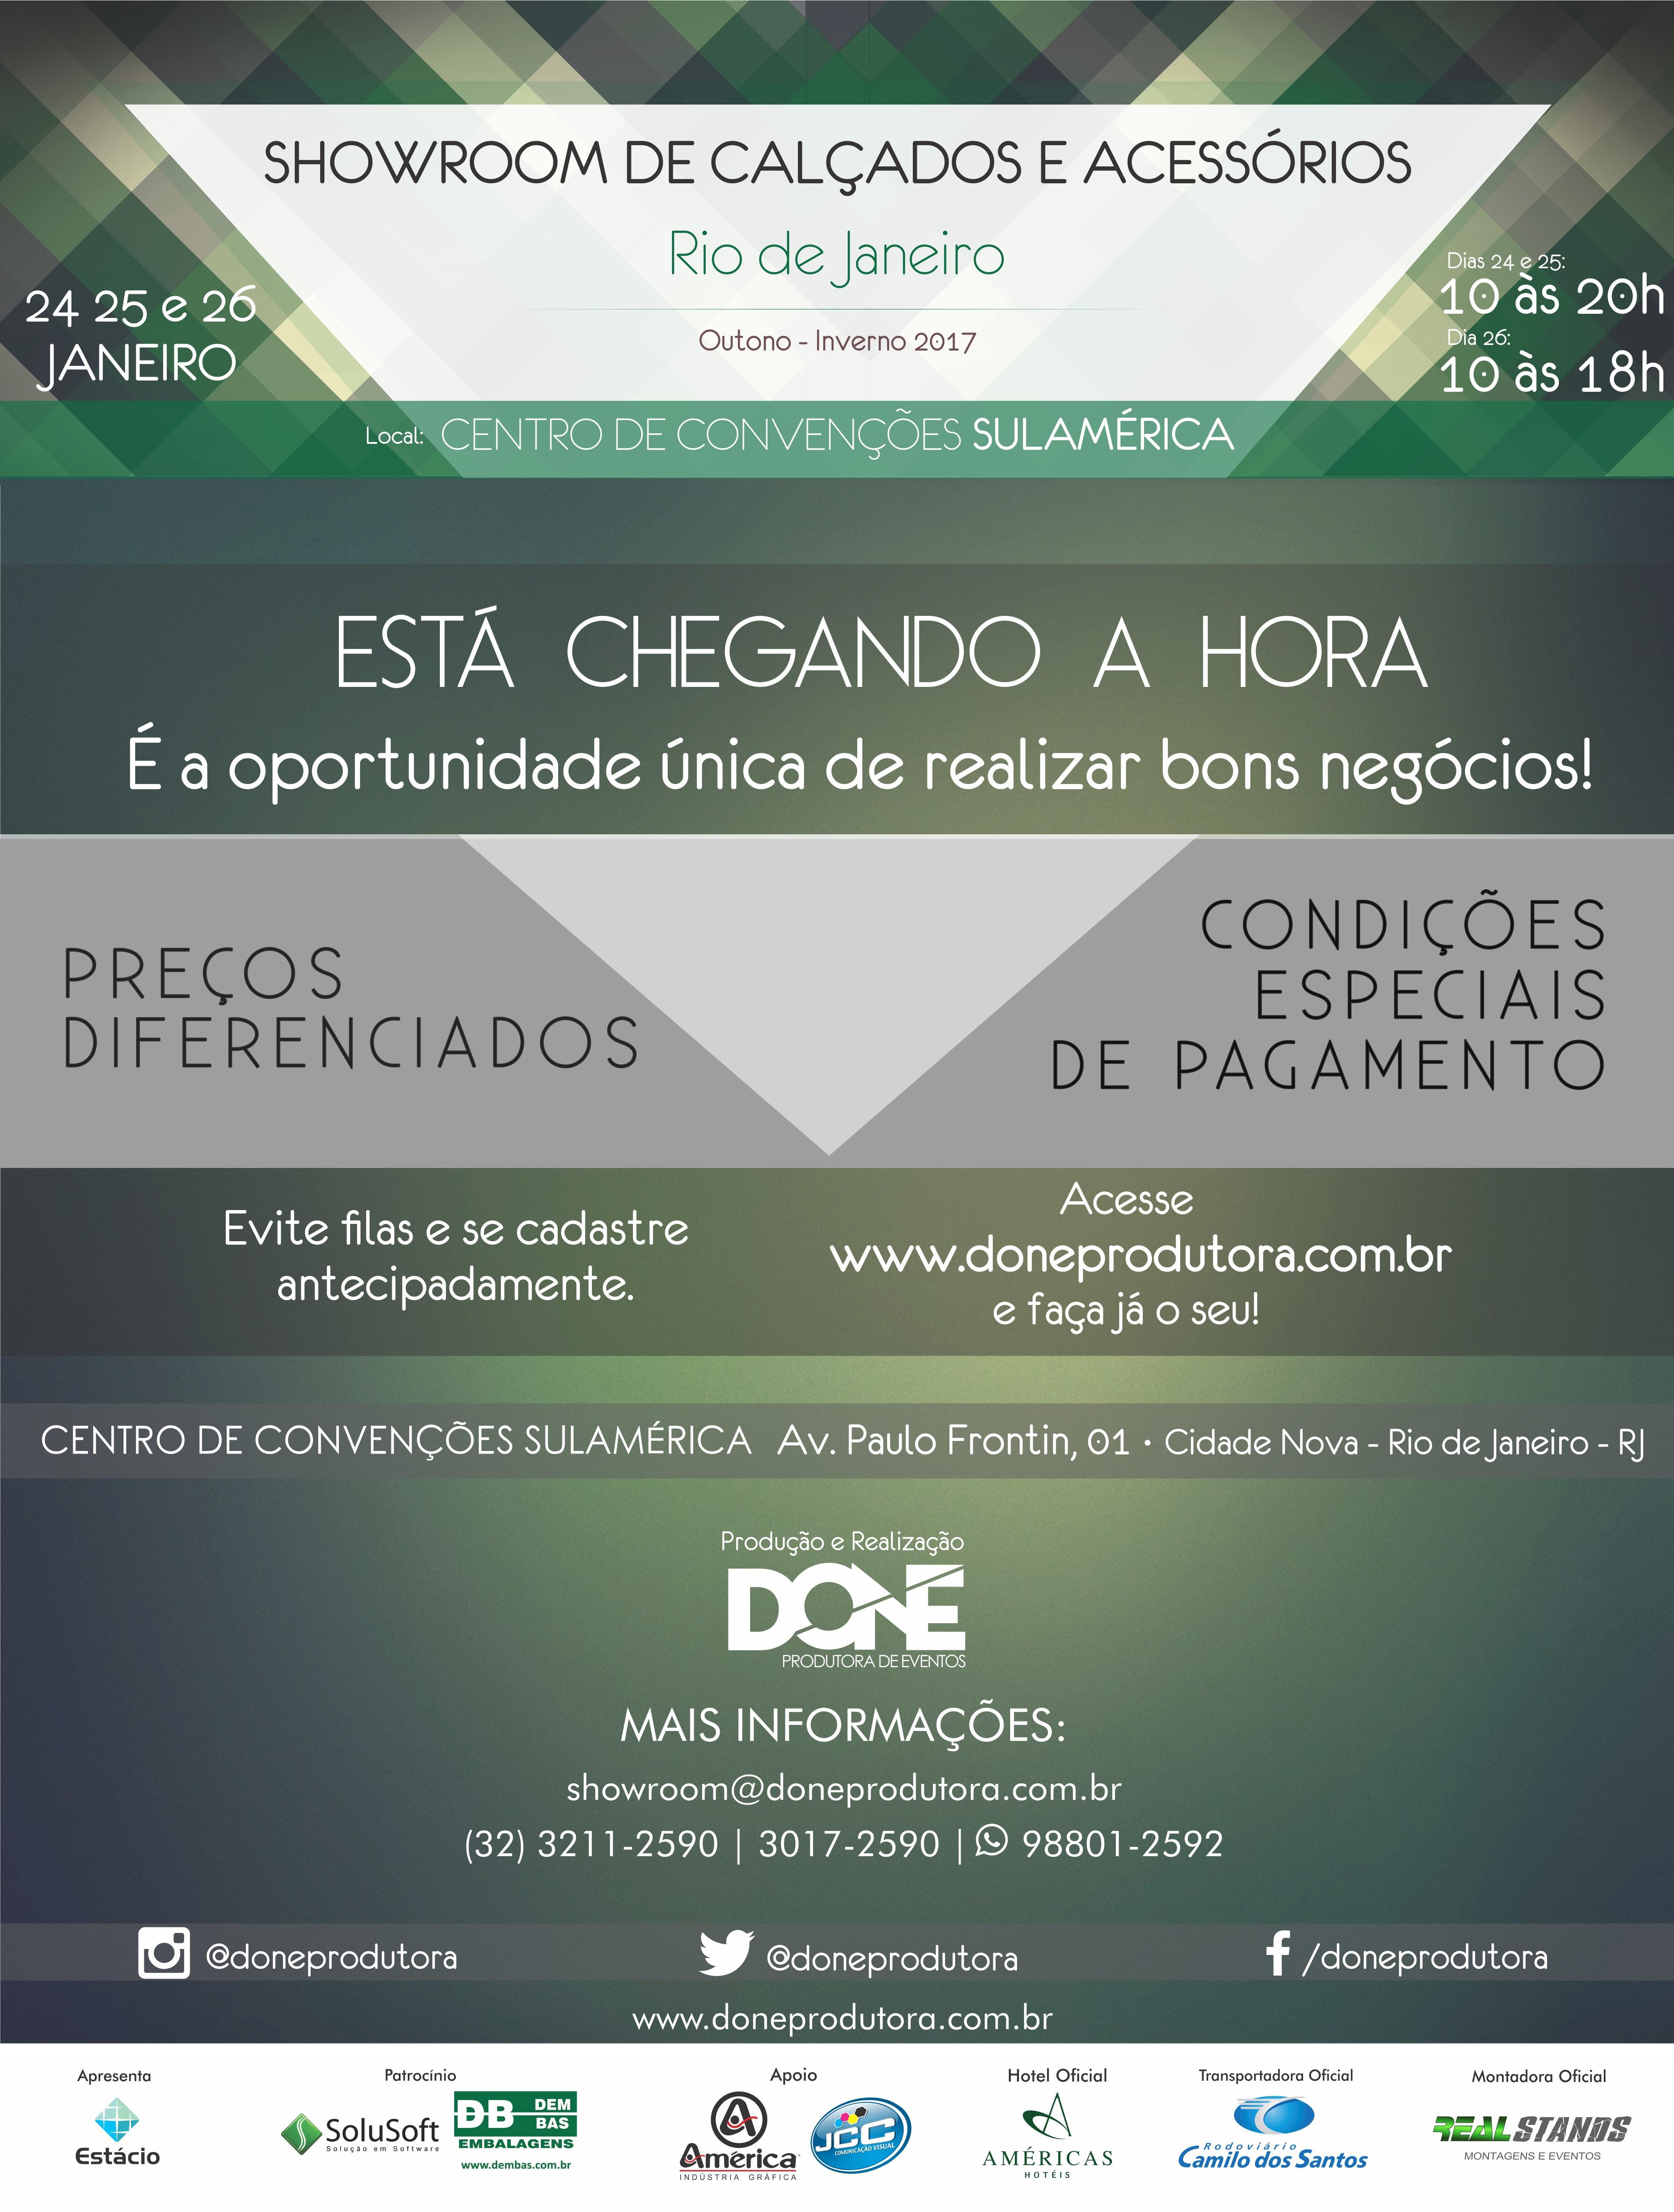 Camilo dos Santos é a transportadora Oficial da 4ª Edição do Showroom de Calçados e Acessórios Rio - 2017